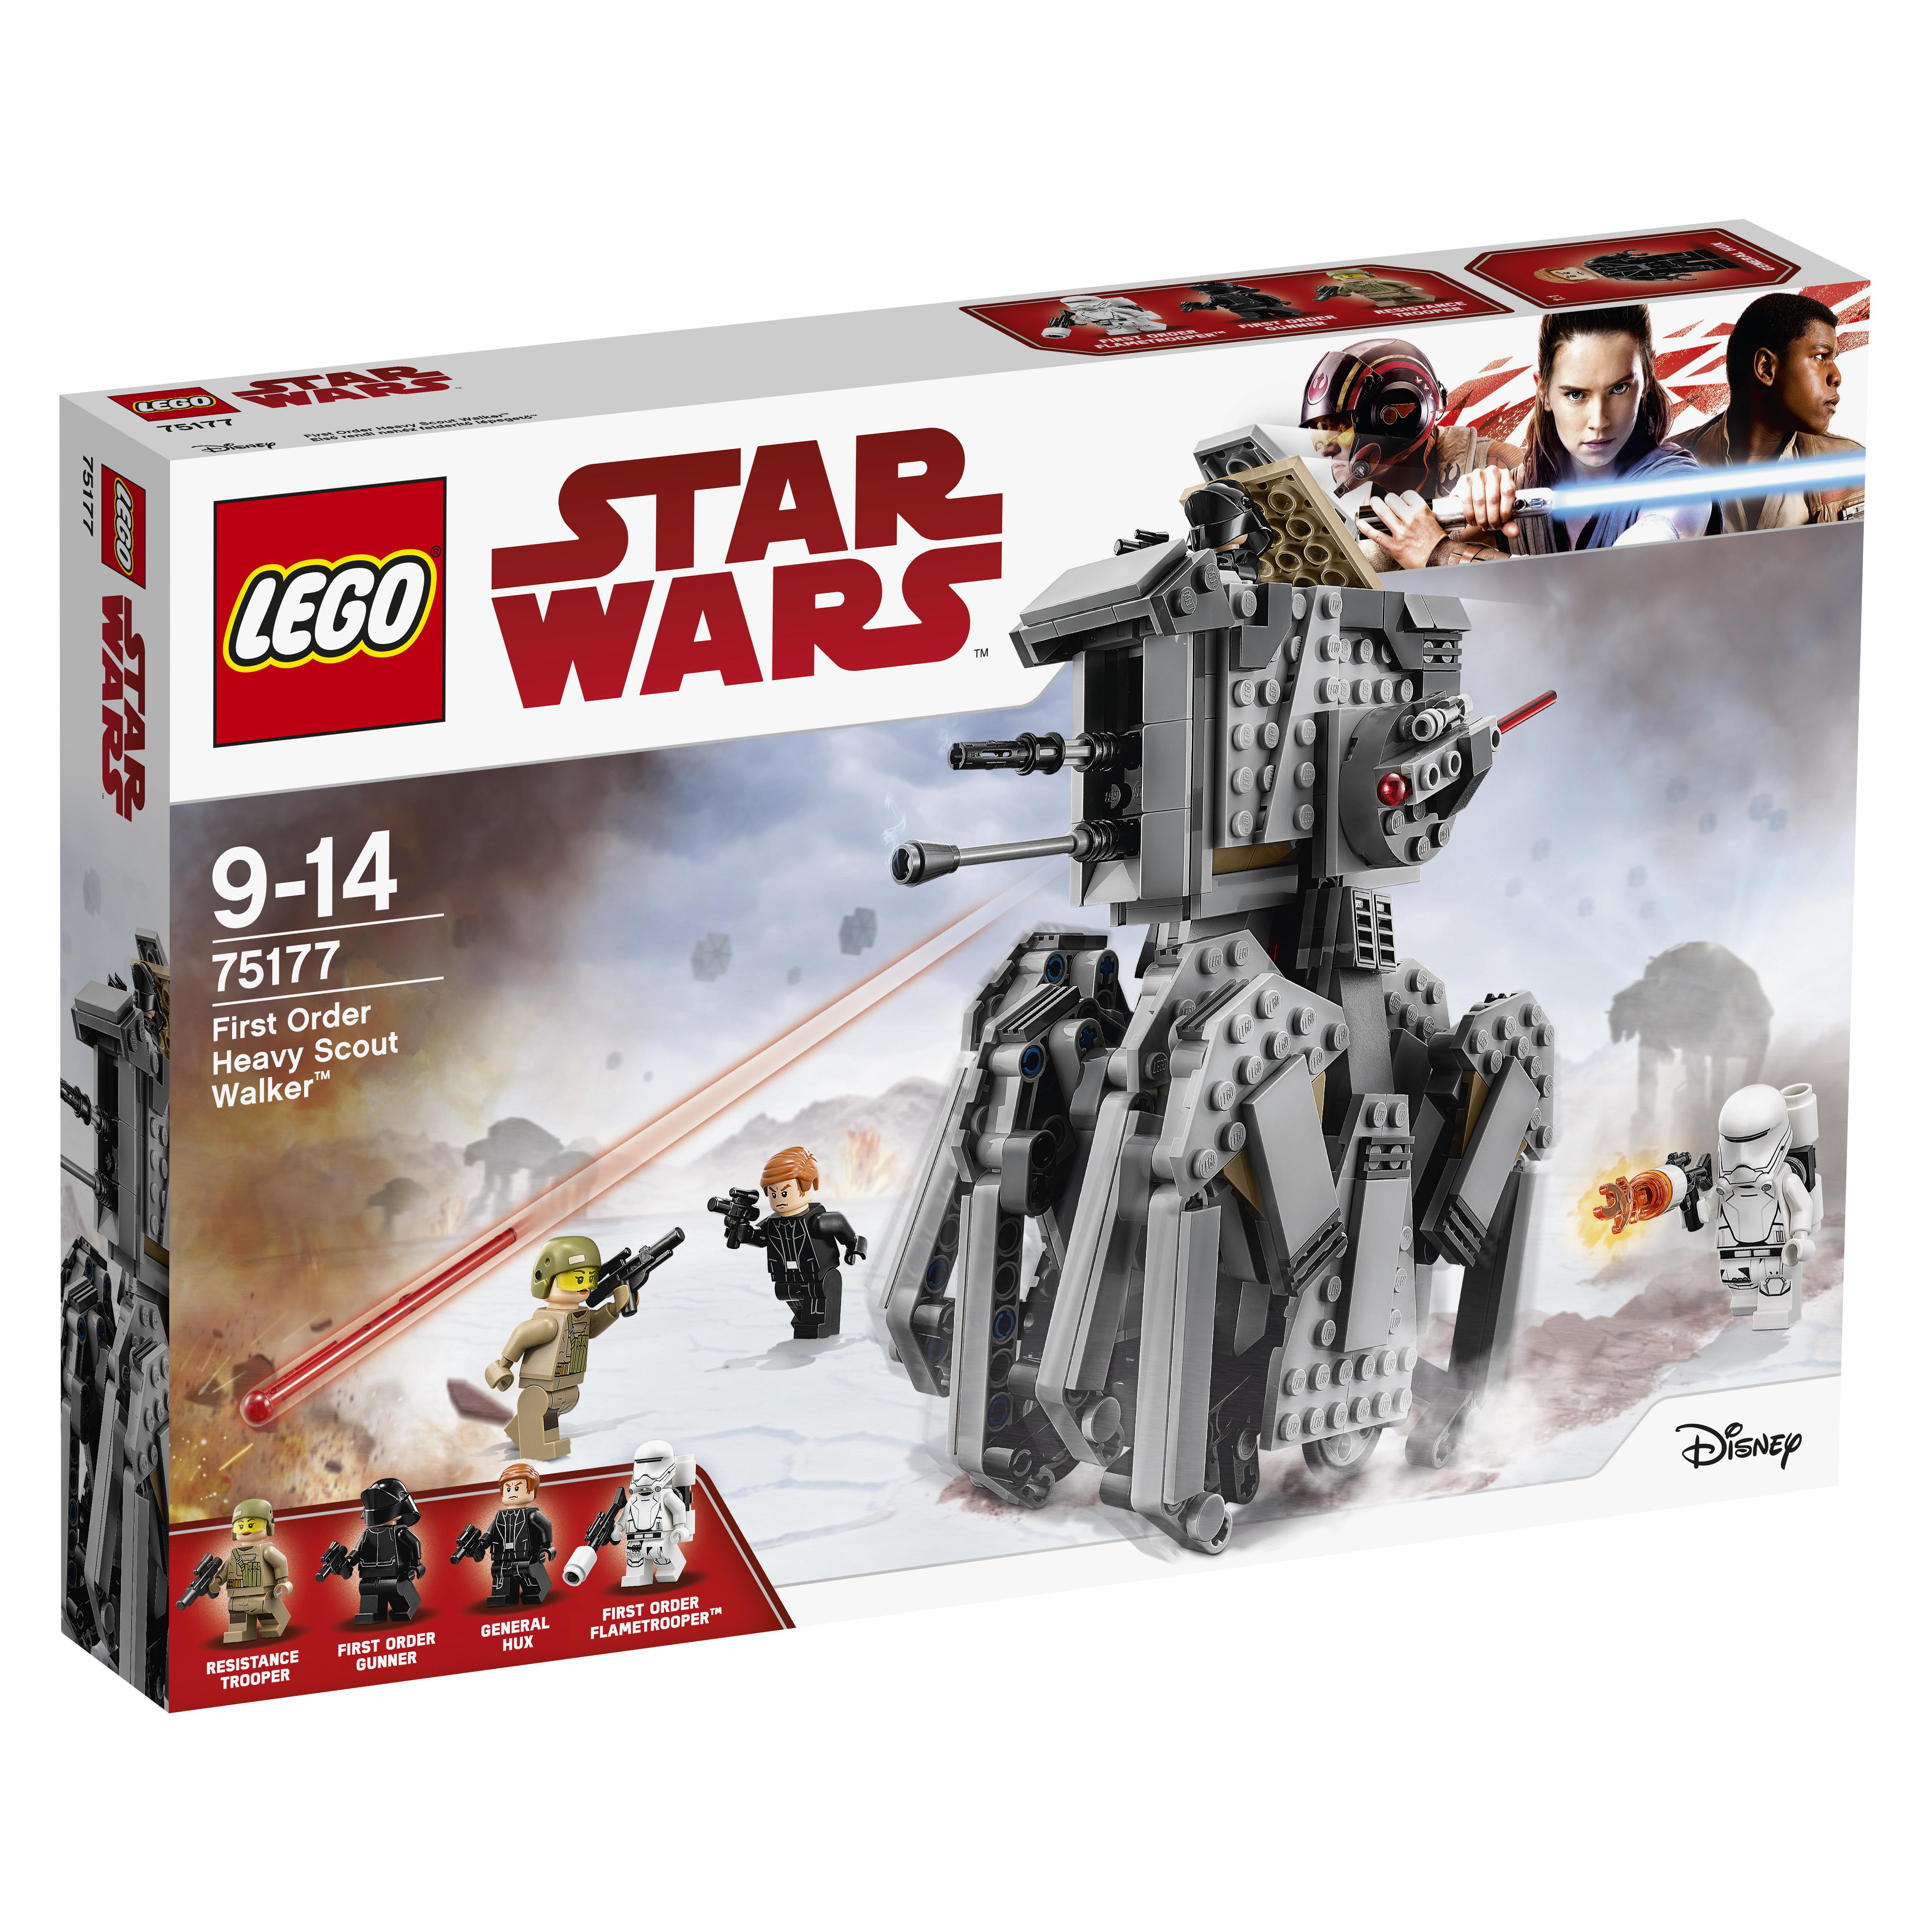 Конструктор LEGO Star Wars 75177 Тяжелый разведывательный шагоход Первого Ордена конструктор lego star wars 75132 боевой набор первого ордена